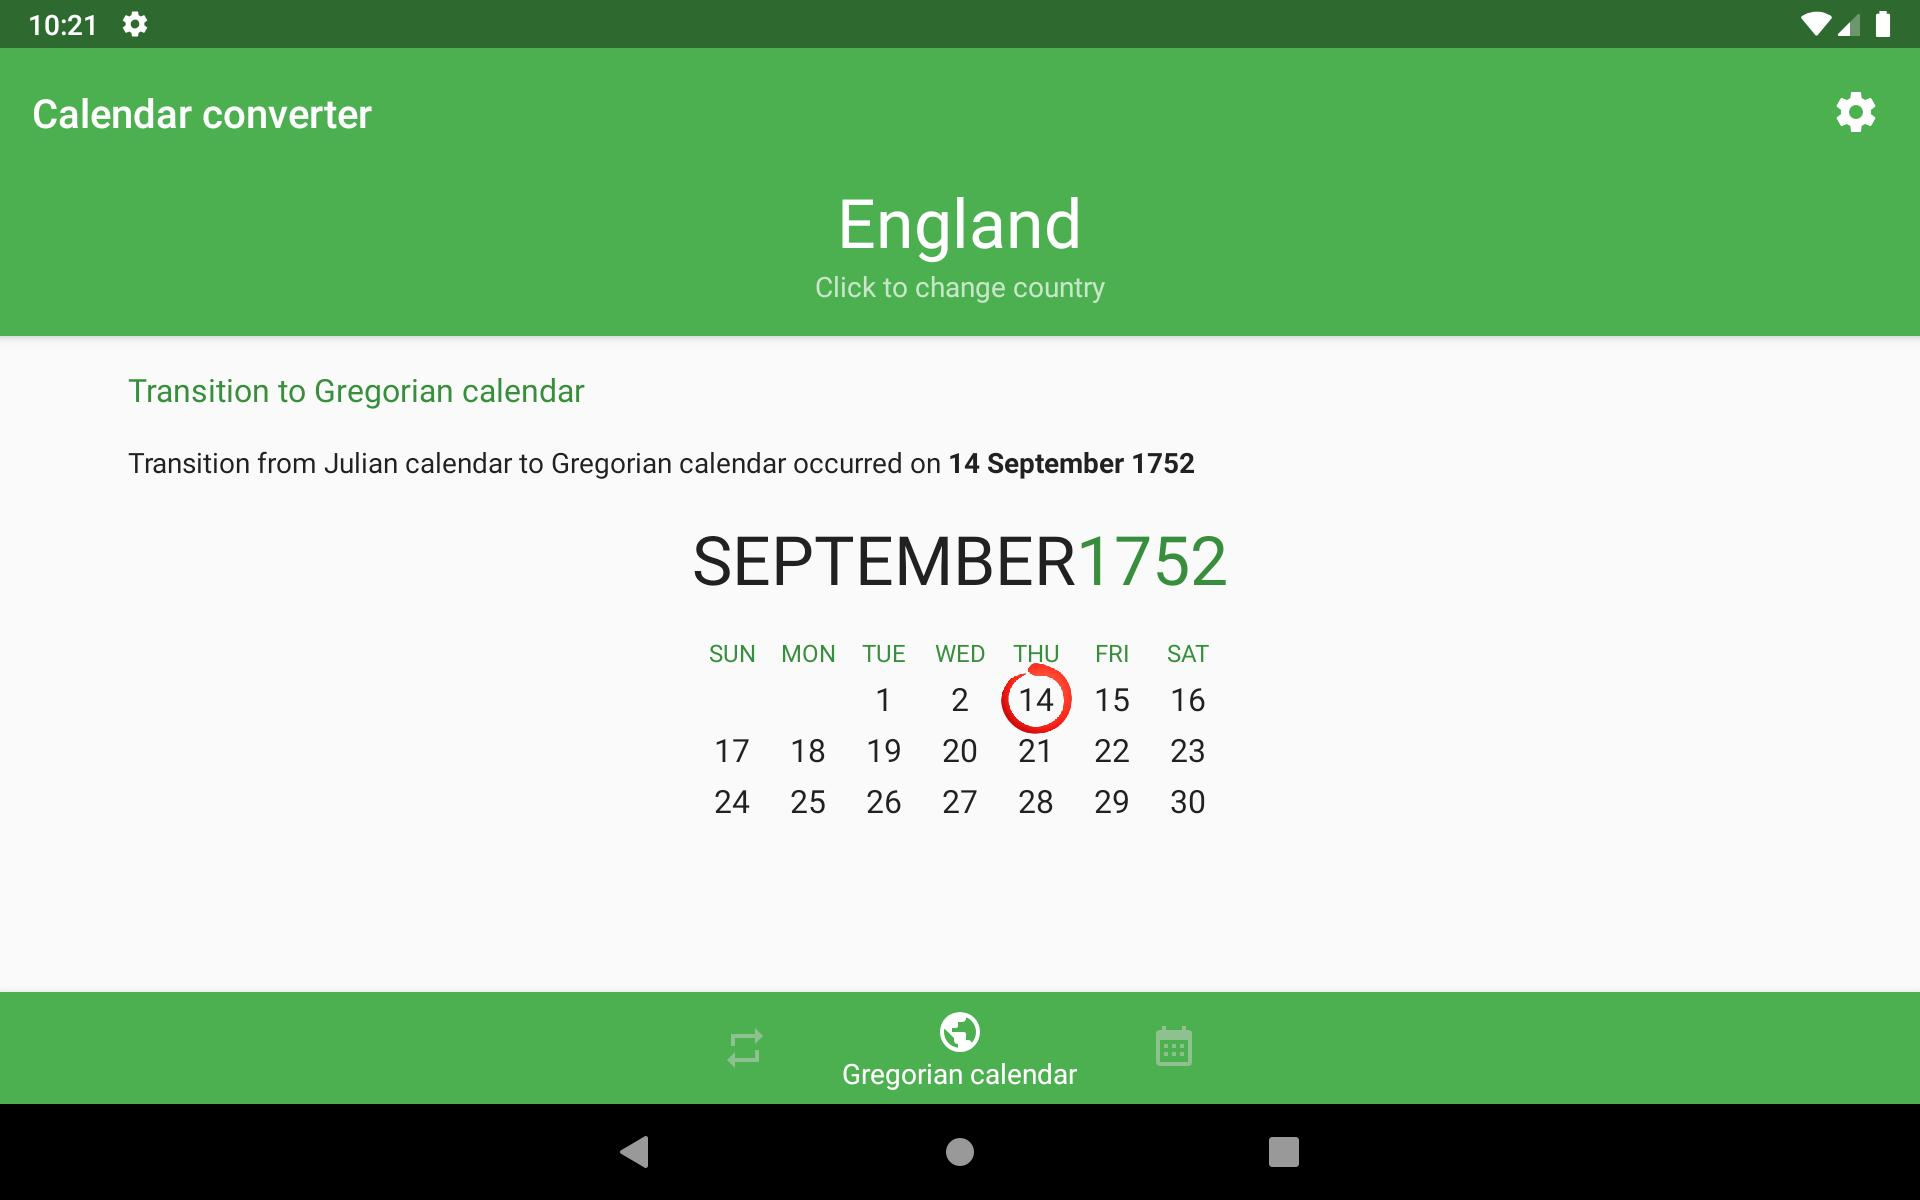 Calendar Converter For Android - Apk Download Regarding Convert Julian Date 2 025 To Calendar Date